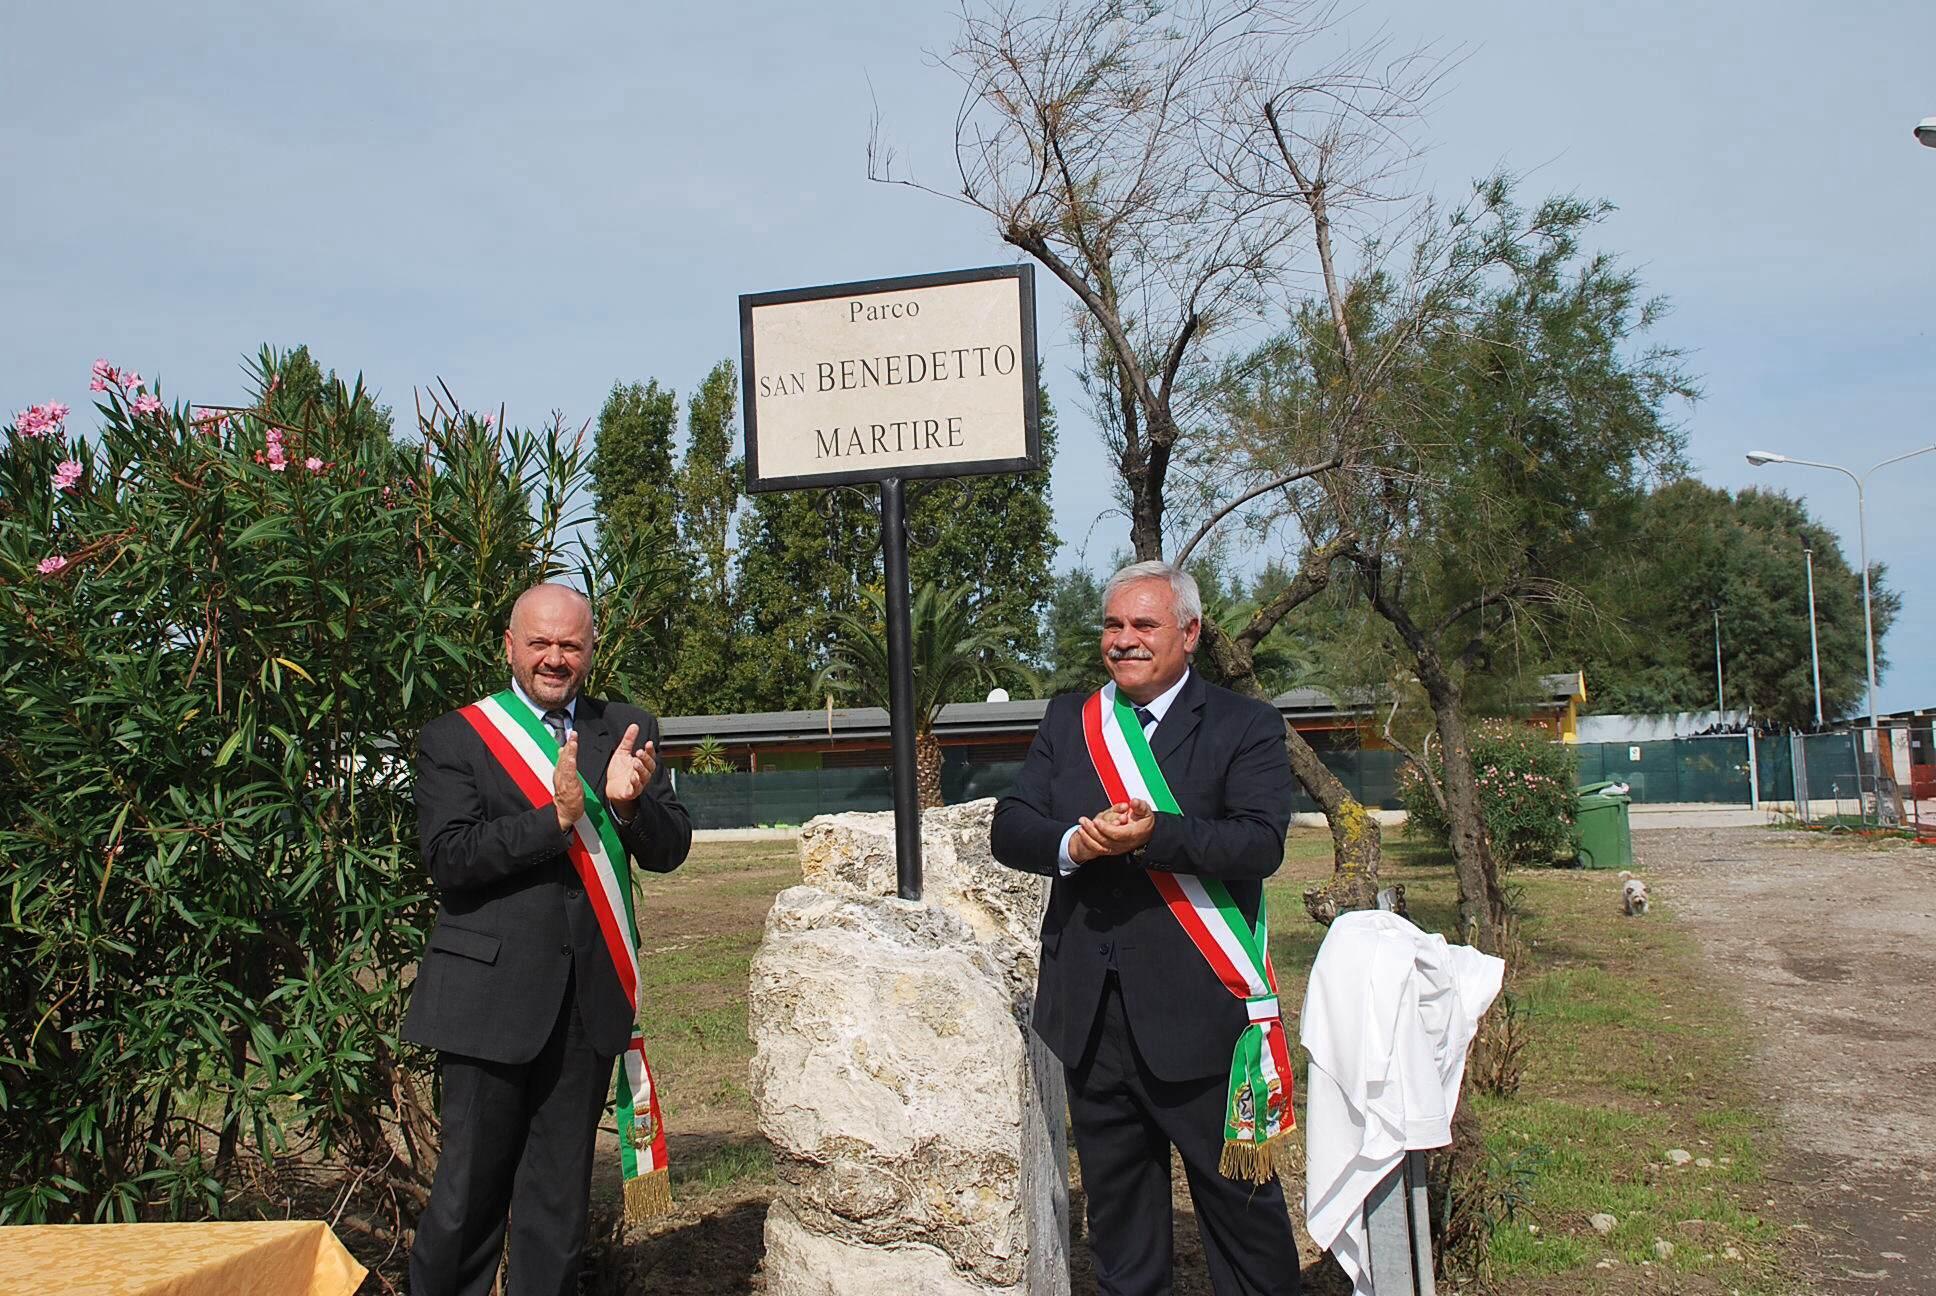 Parco San Benedetto Martire, l'inaugurazione coi sindaci di San Benedetto e di Cupra